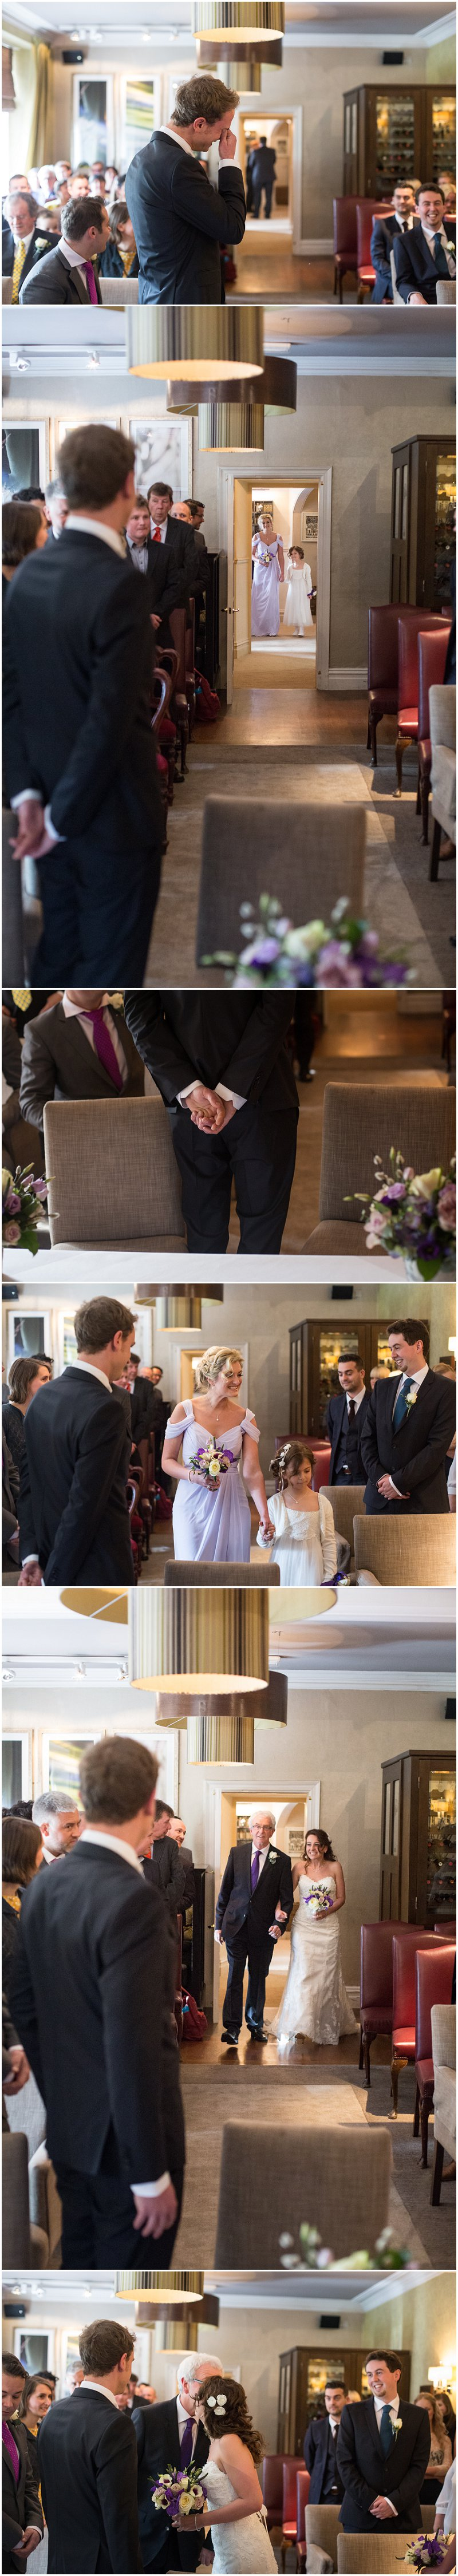 Wedding ceremony at Linthwaite House Hotel, Cumbria